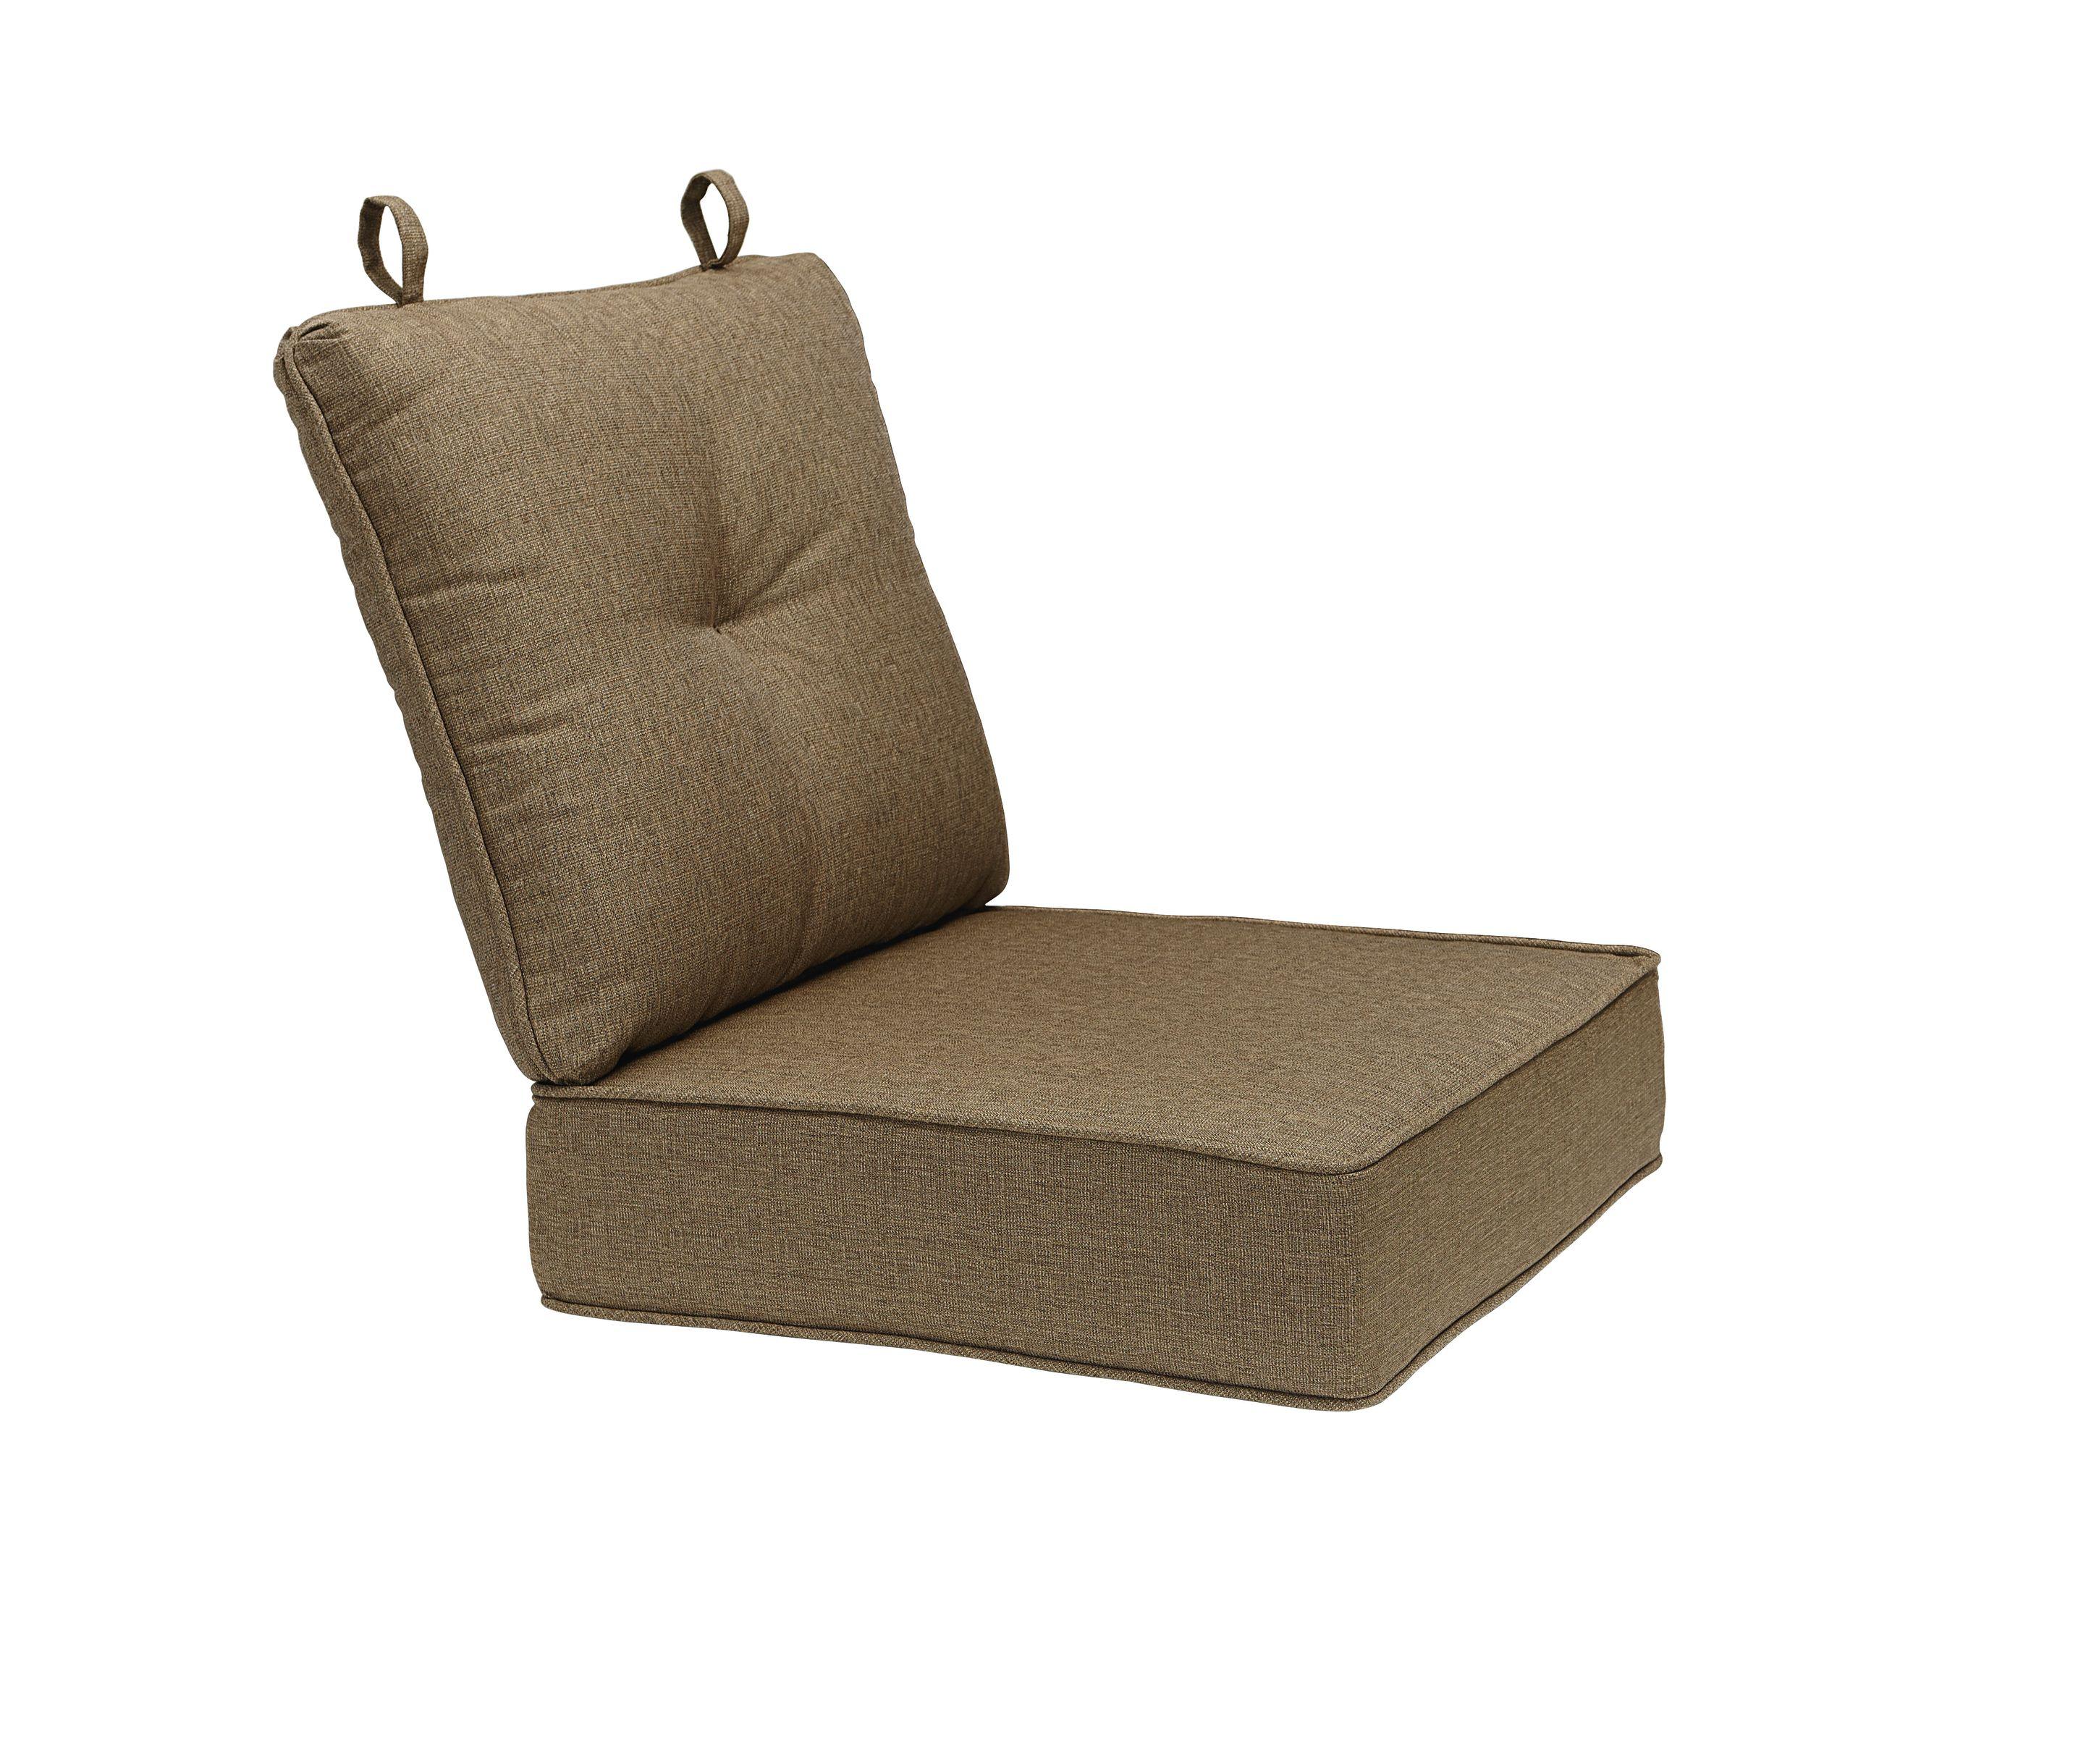 la z boy charlotte replacement seating